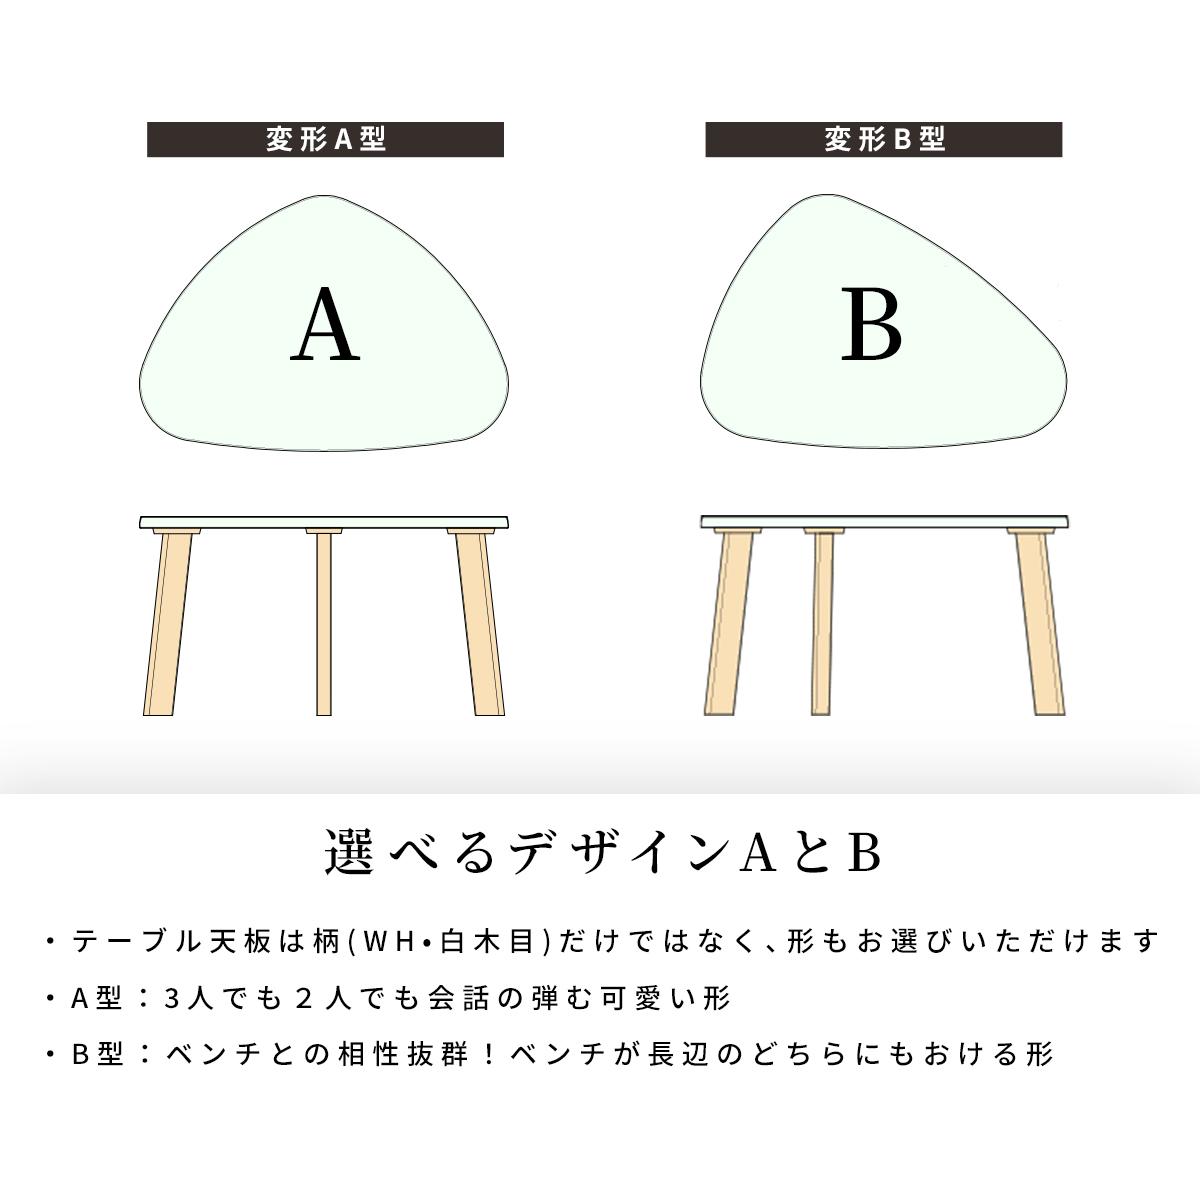 [幅130/高さ70] ダイニング 変形テーブルA 4点セット 3人掛け ブラウン MY 0113 (テーブル, チェア 2脚, ベンチ)